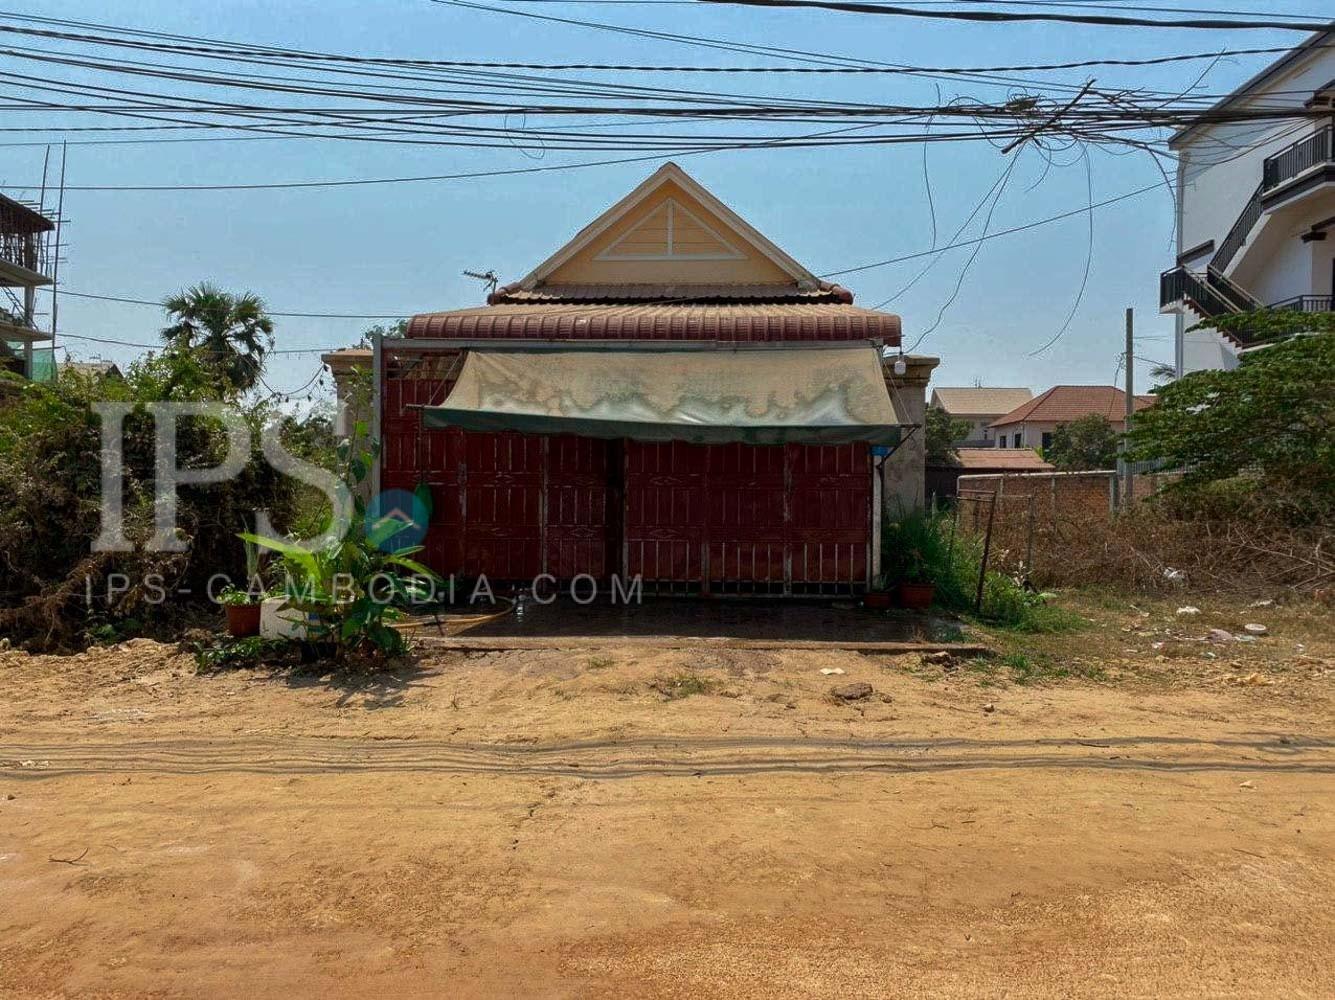 104 Sqm Land For Sale - Kouk Chak, Siem Reap